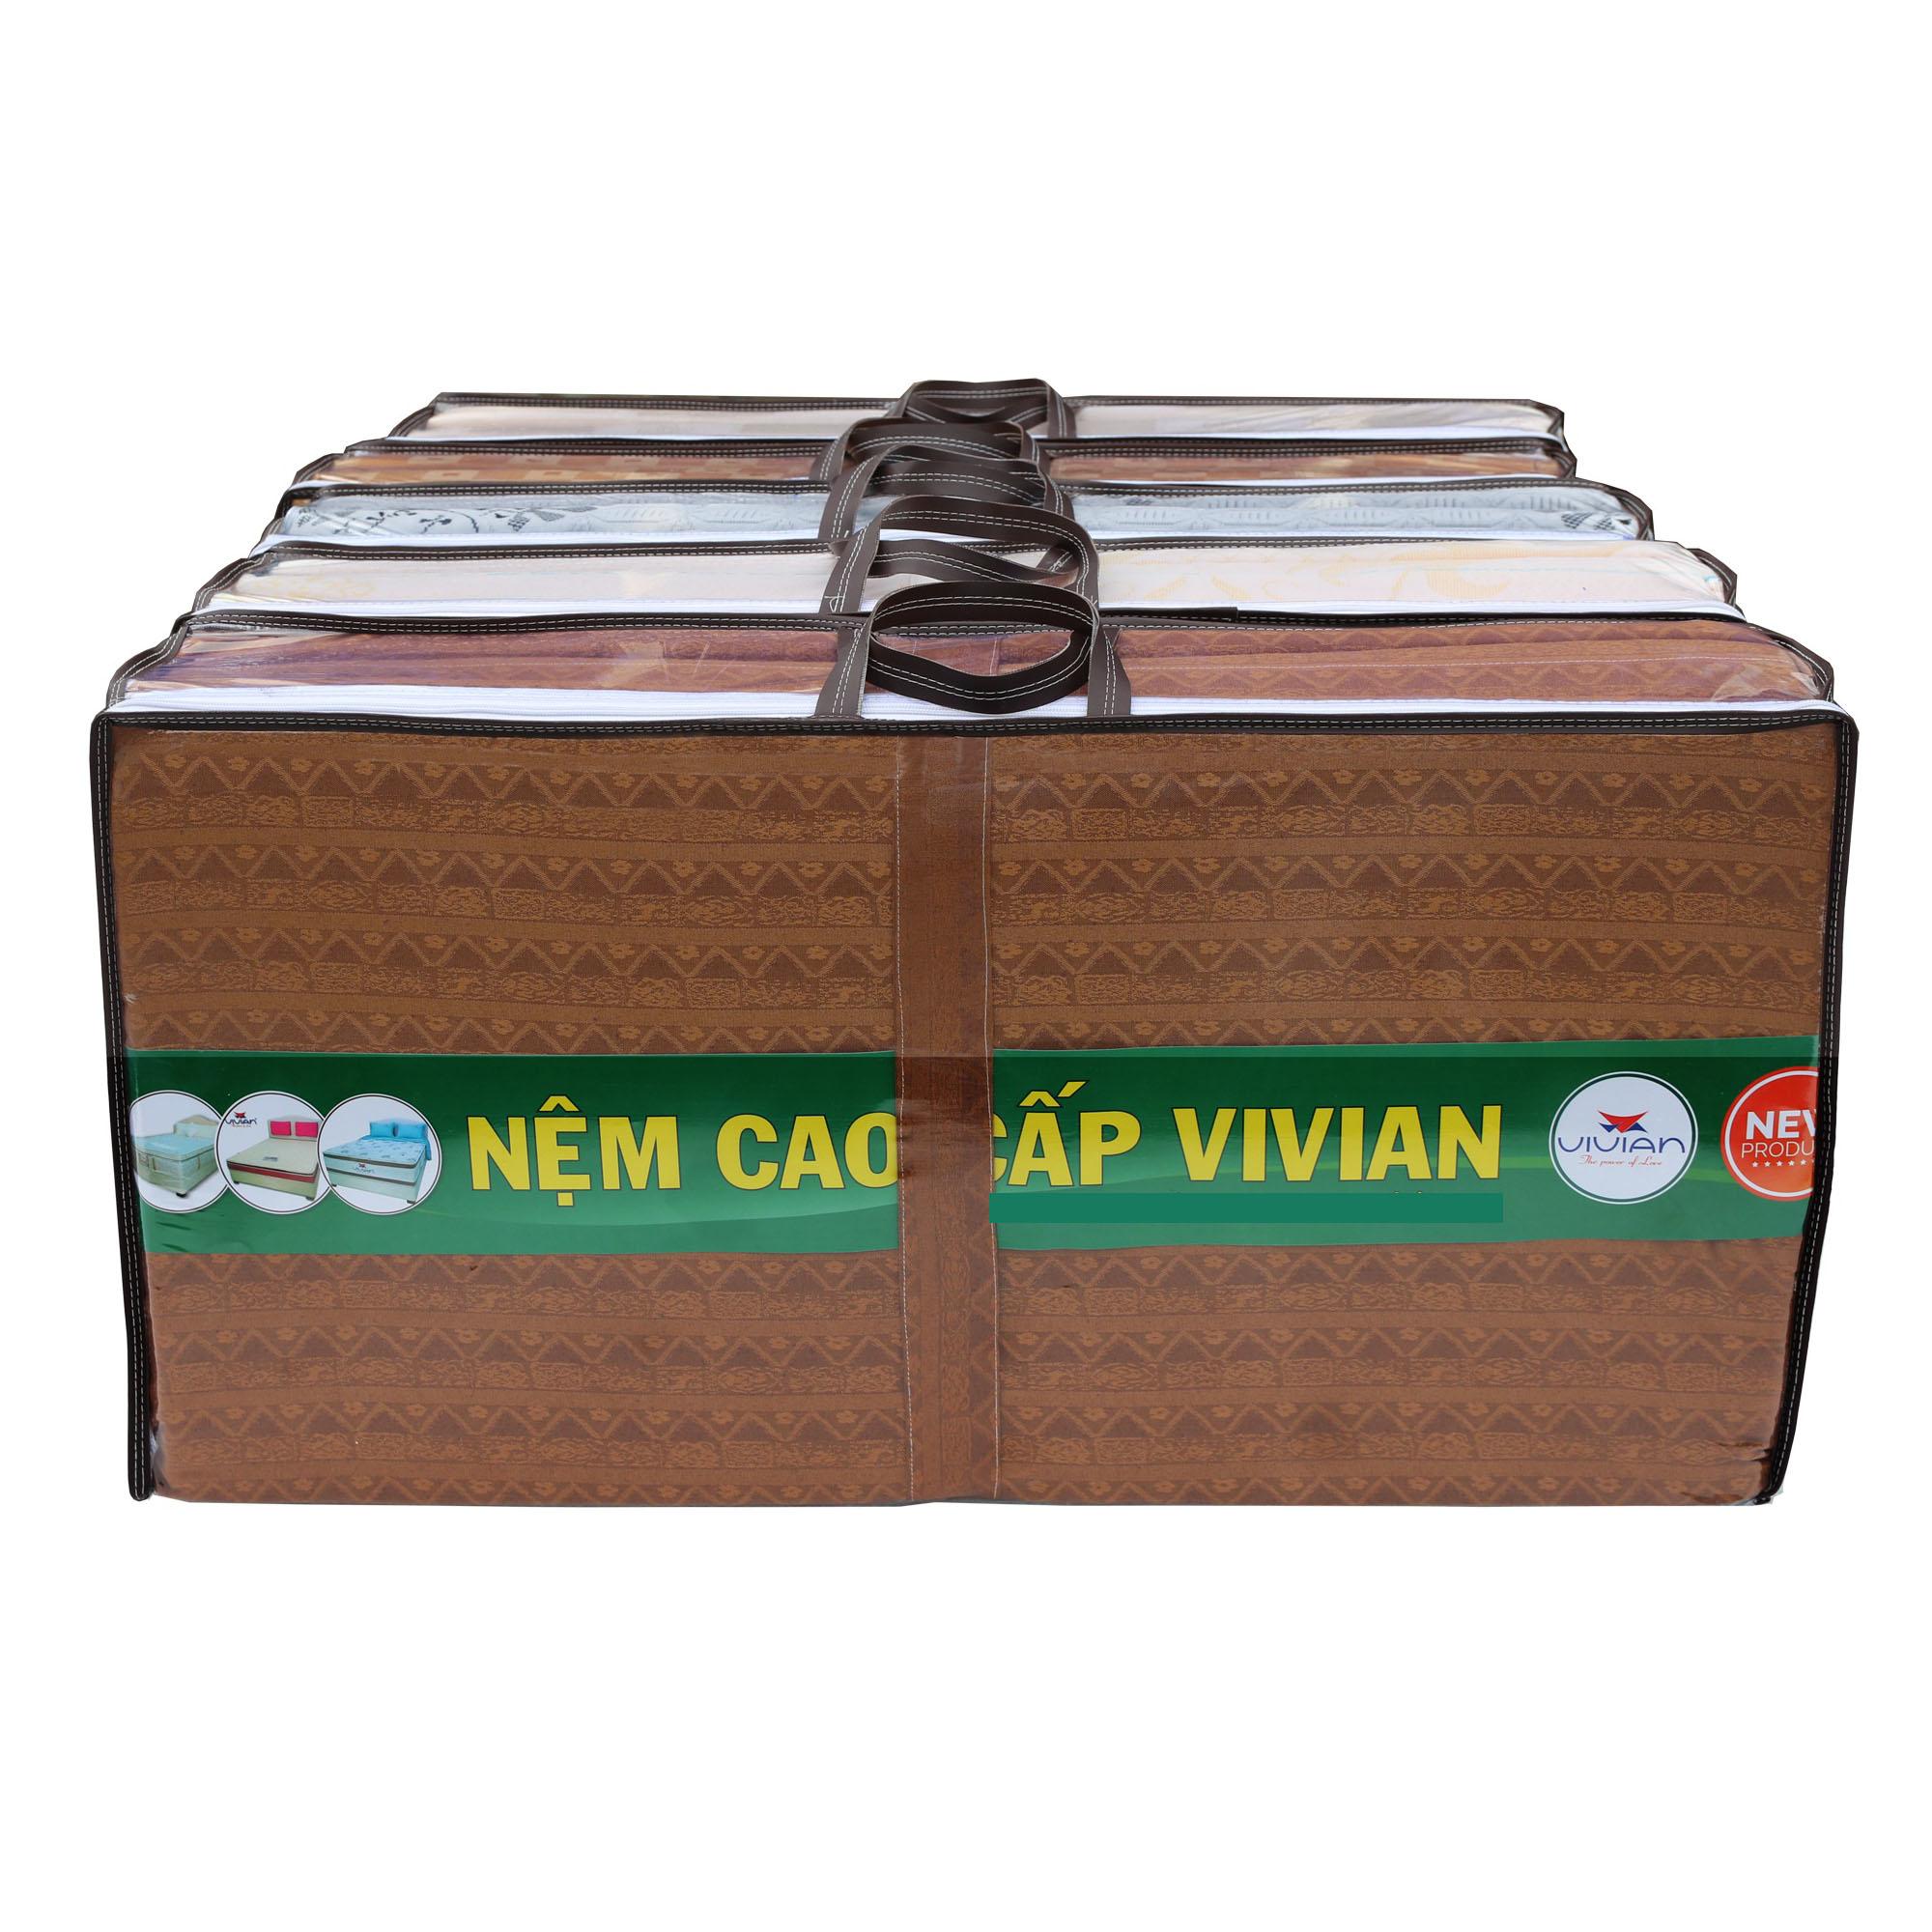 Nệm Xếp VIVIAN Gấp 5 Đa Năng (60cm x 200cm x 3cm) - Tối đa hóa sự tiện dụng đến người dùng Việt